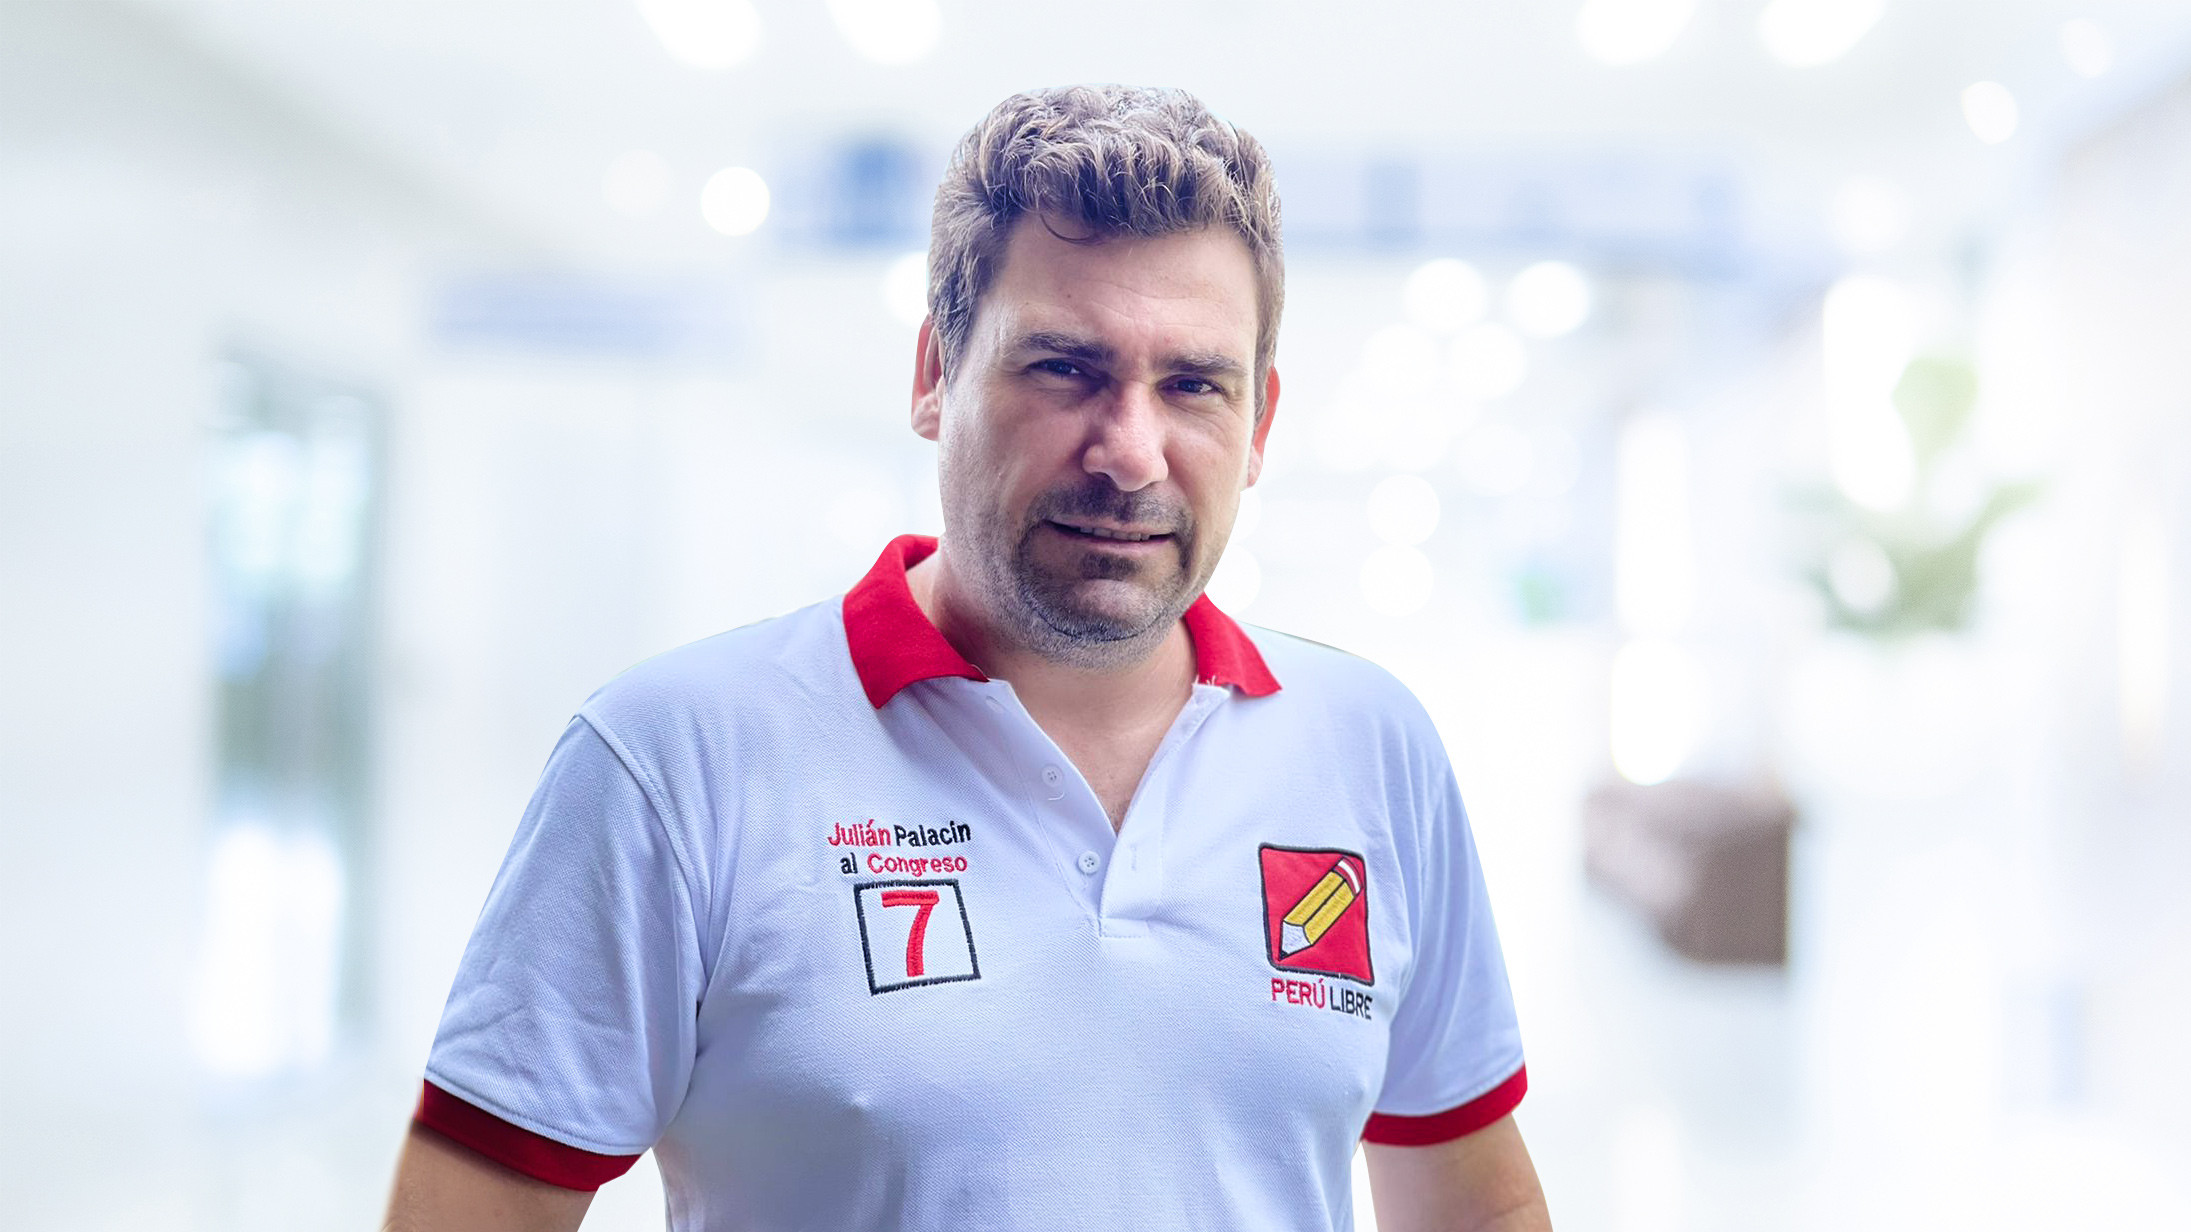 excandidato-al-congreso-julian-palacin-es-nombrado-presidente-de-indecopi